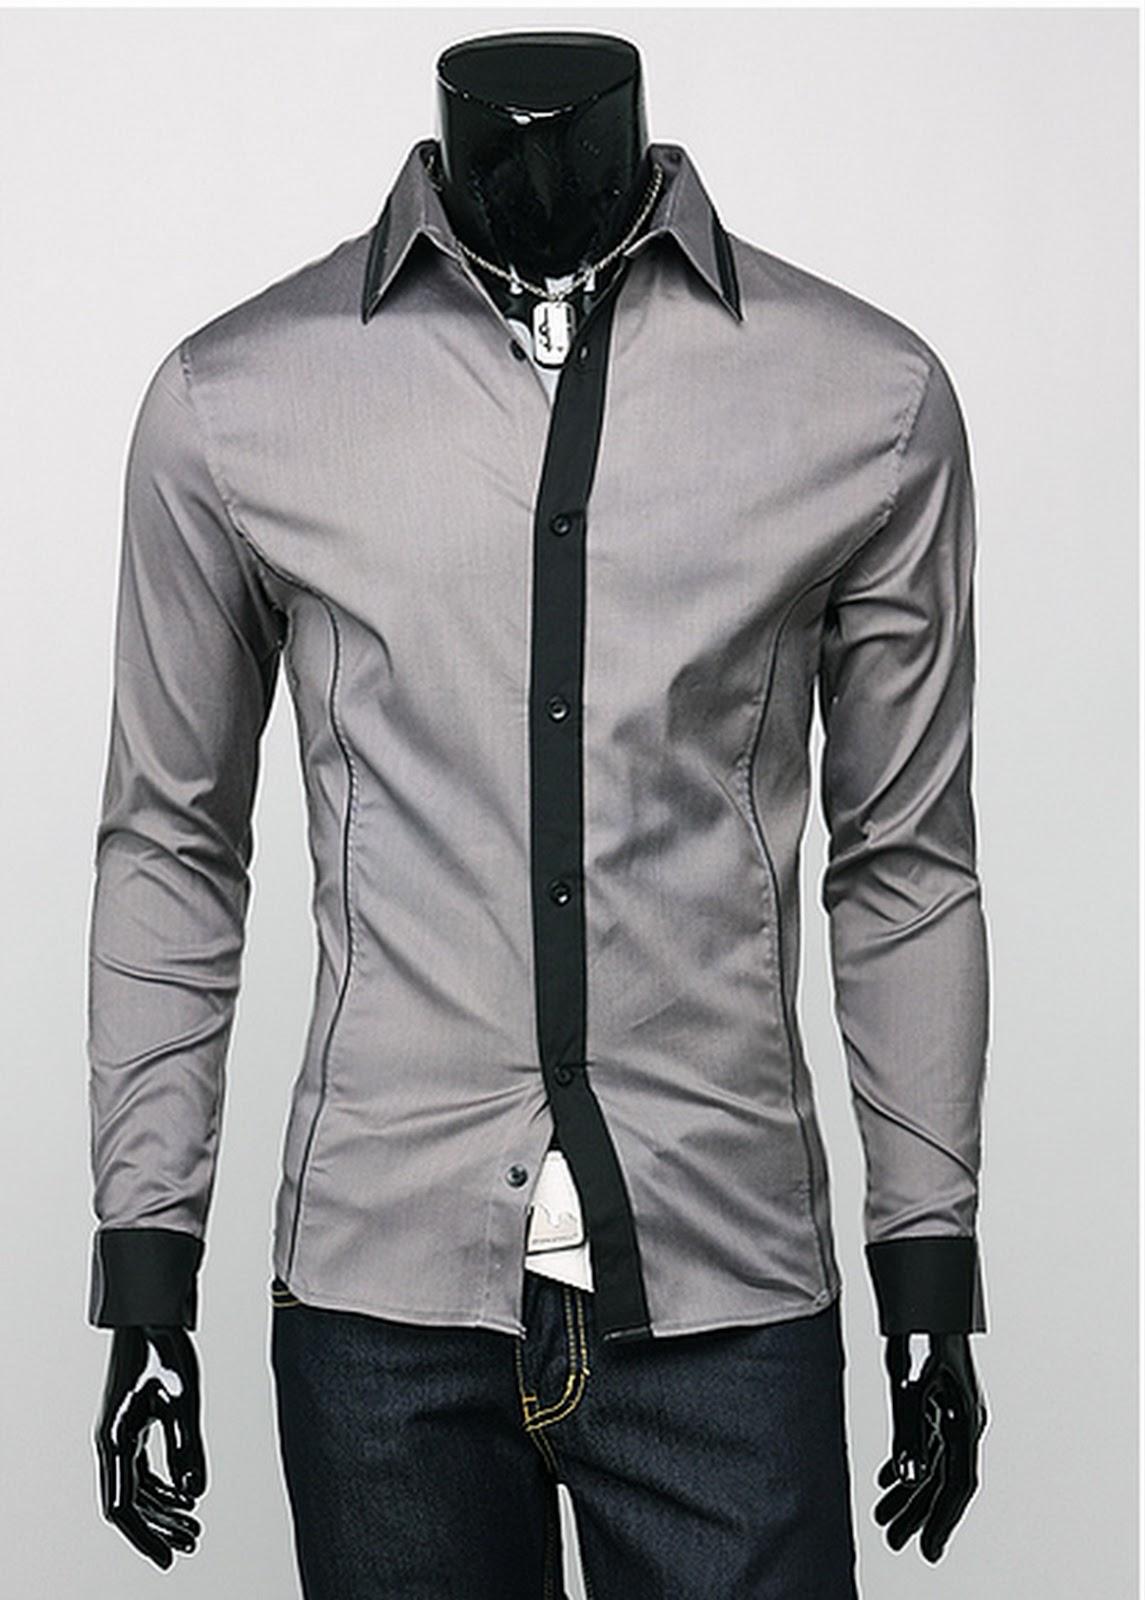 Demikian beberapa model baju kemeja pria terbaru . Semoga Bermanfaat.